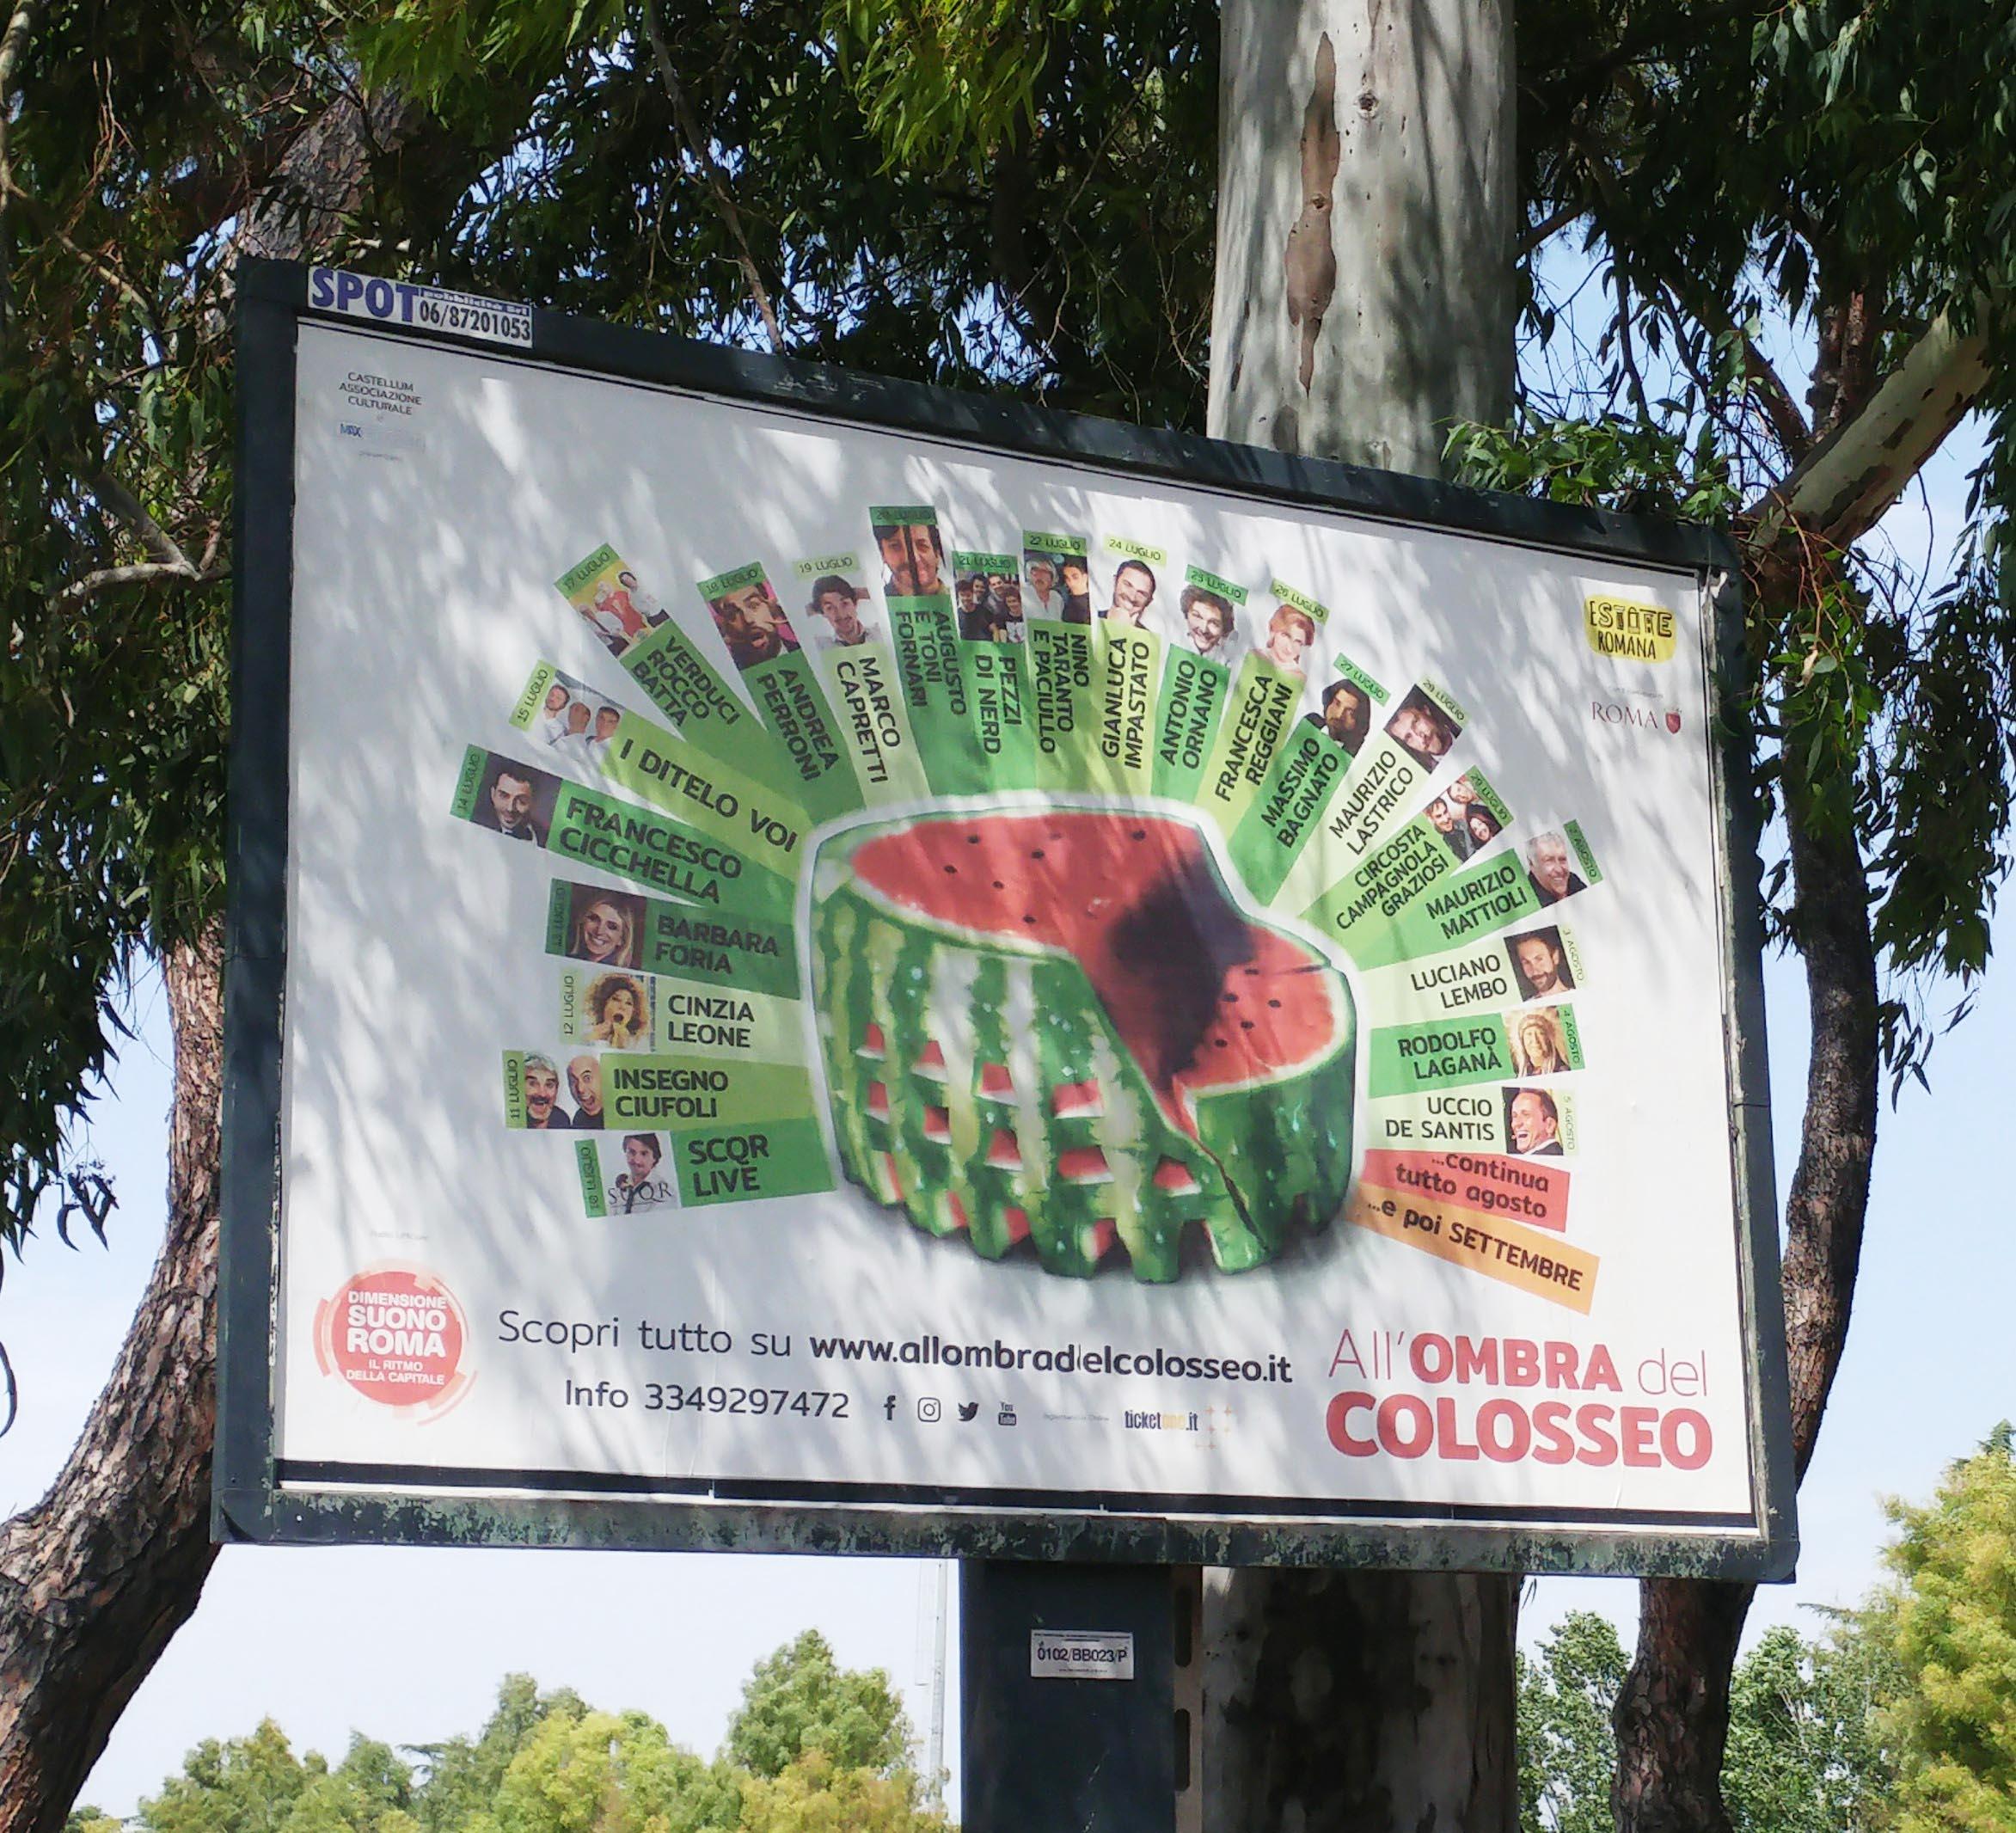 All'Ombra del Colosseo 2018 – 27° edizione !